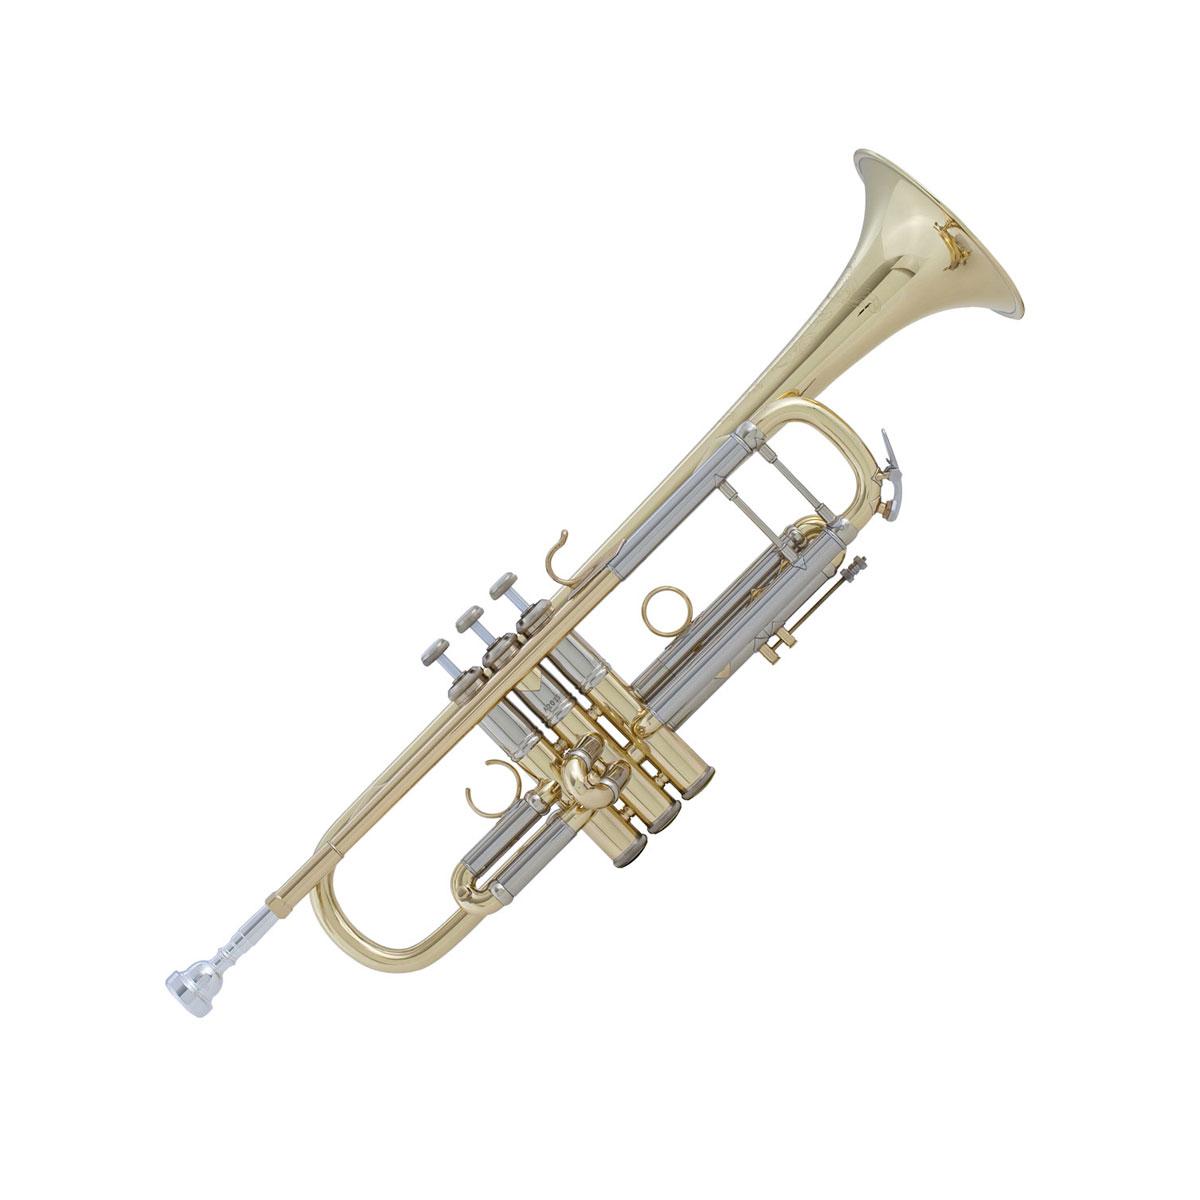 Bach / バック Artisan Collection AB190 GL アルティザン イエローブラスベル ラッカー仕上げ トランペット B♭ 【お取り寄せ】【5年保証】